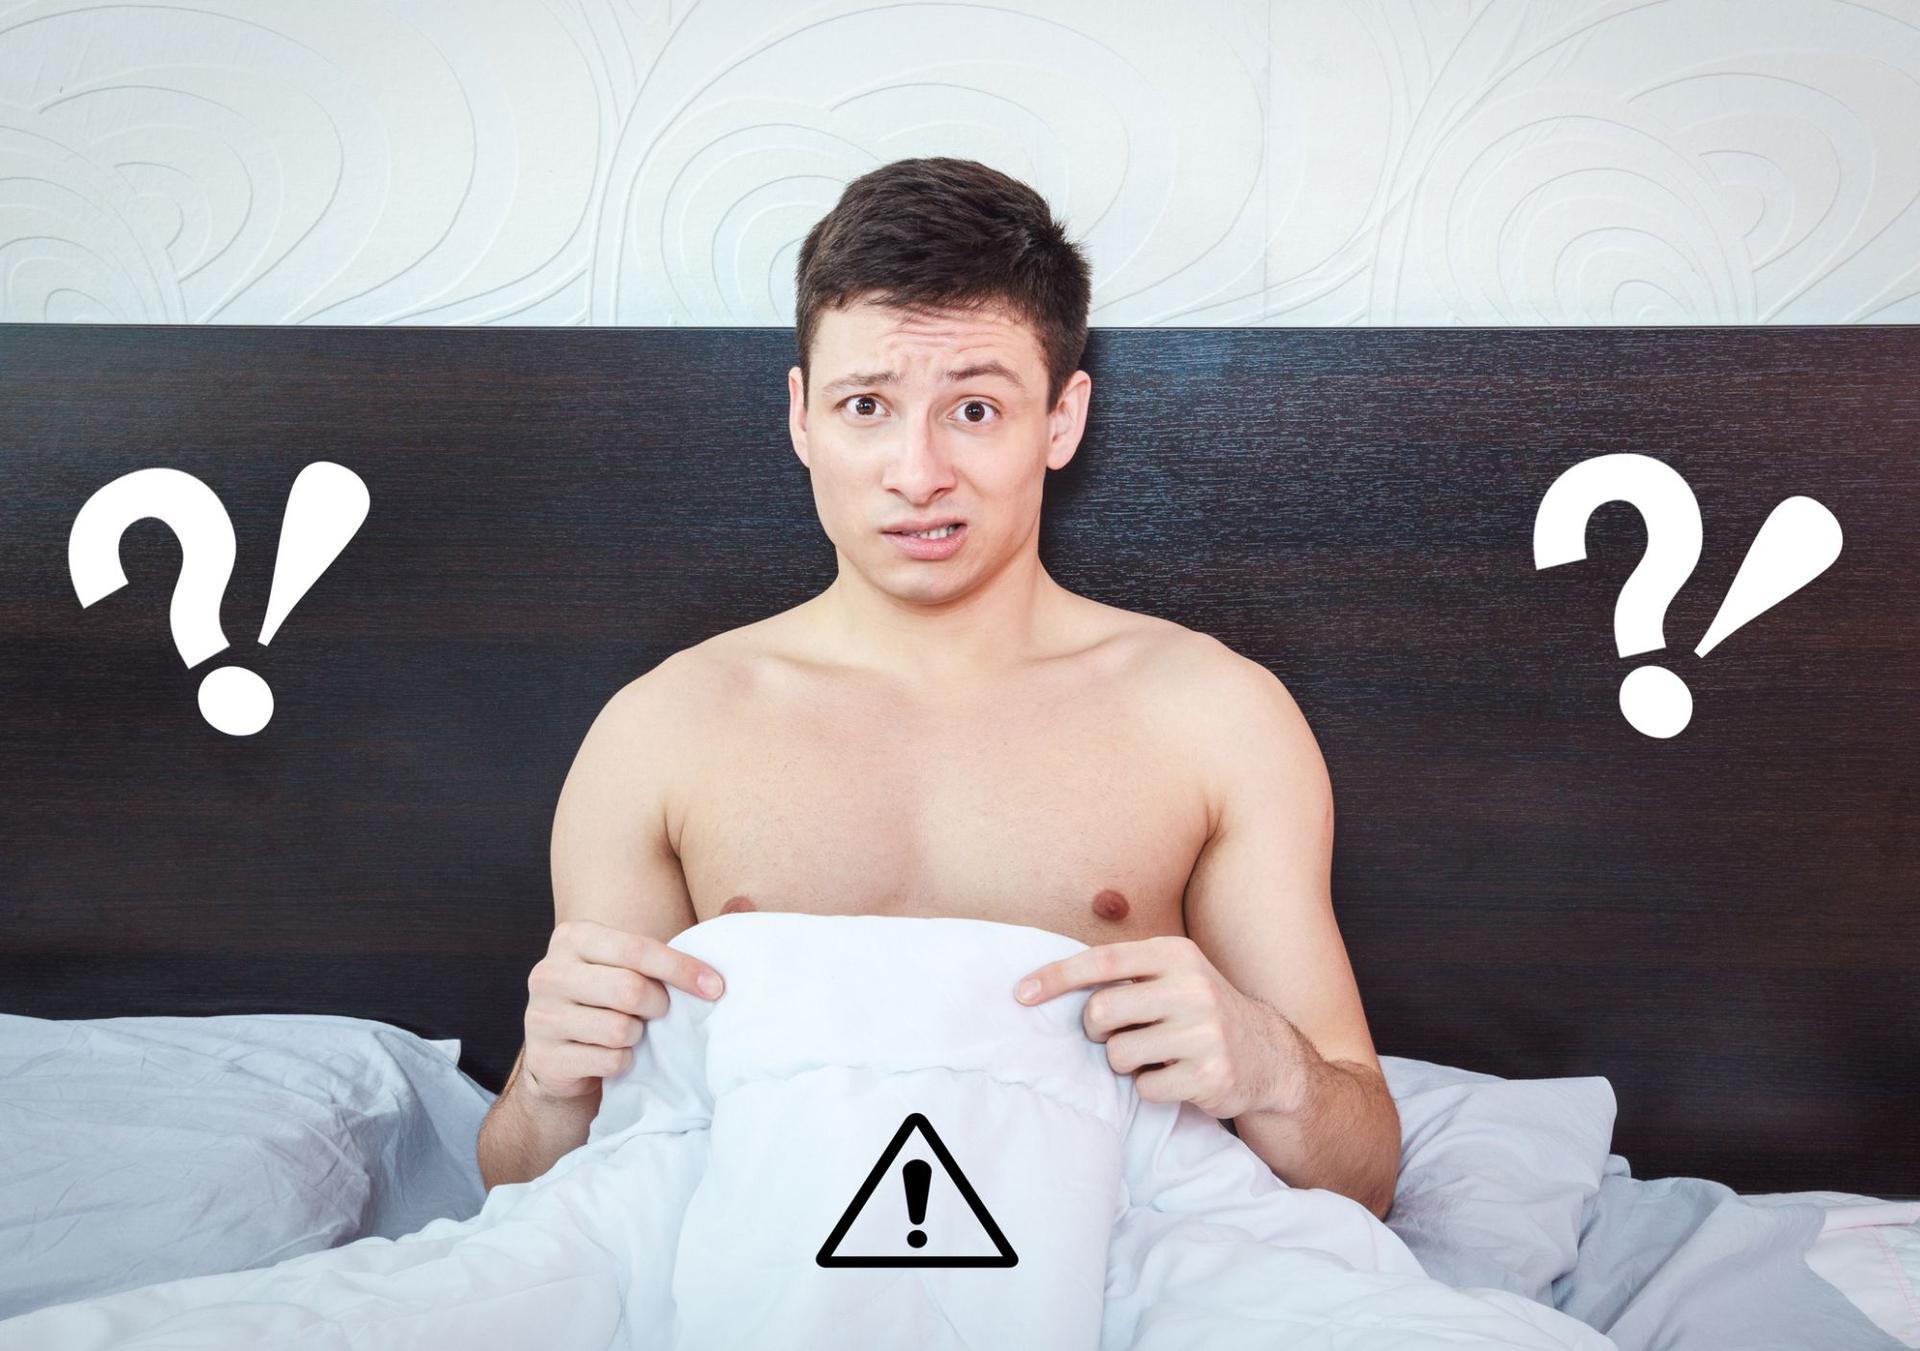 Mięśnie czy erekcja? Twój wybór!